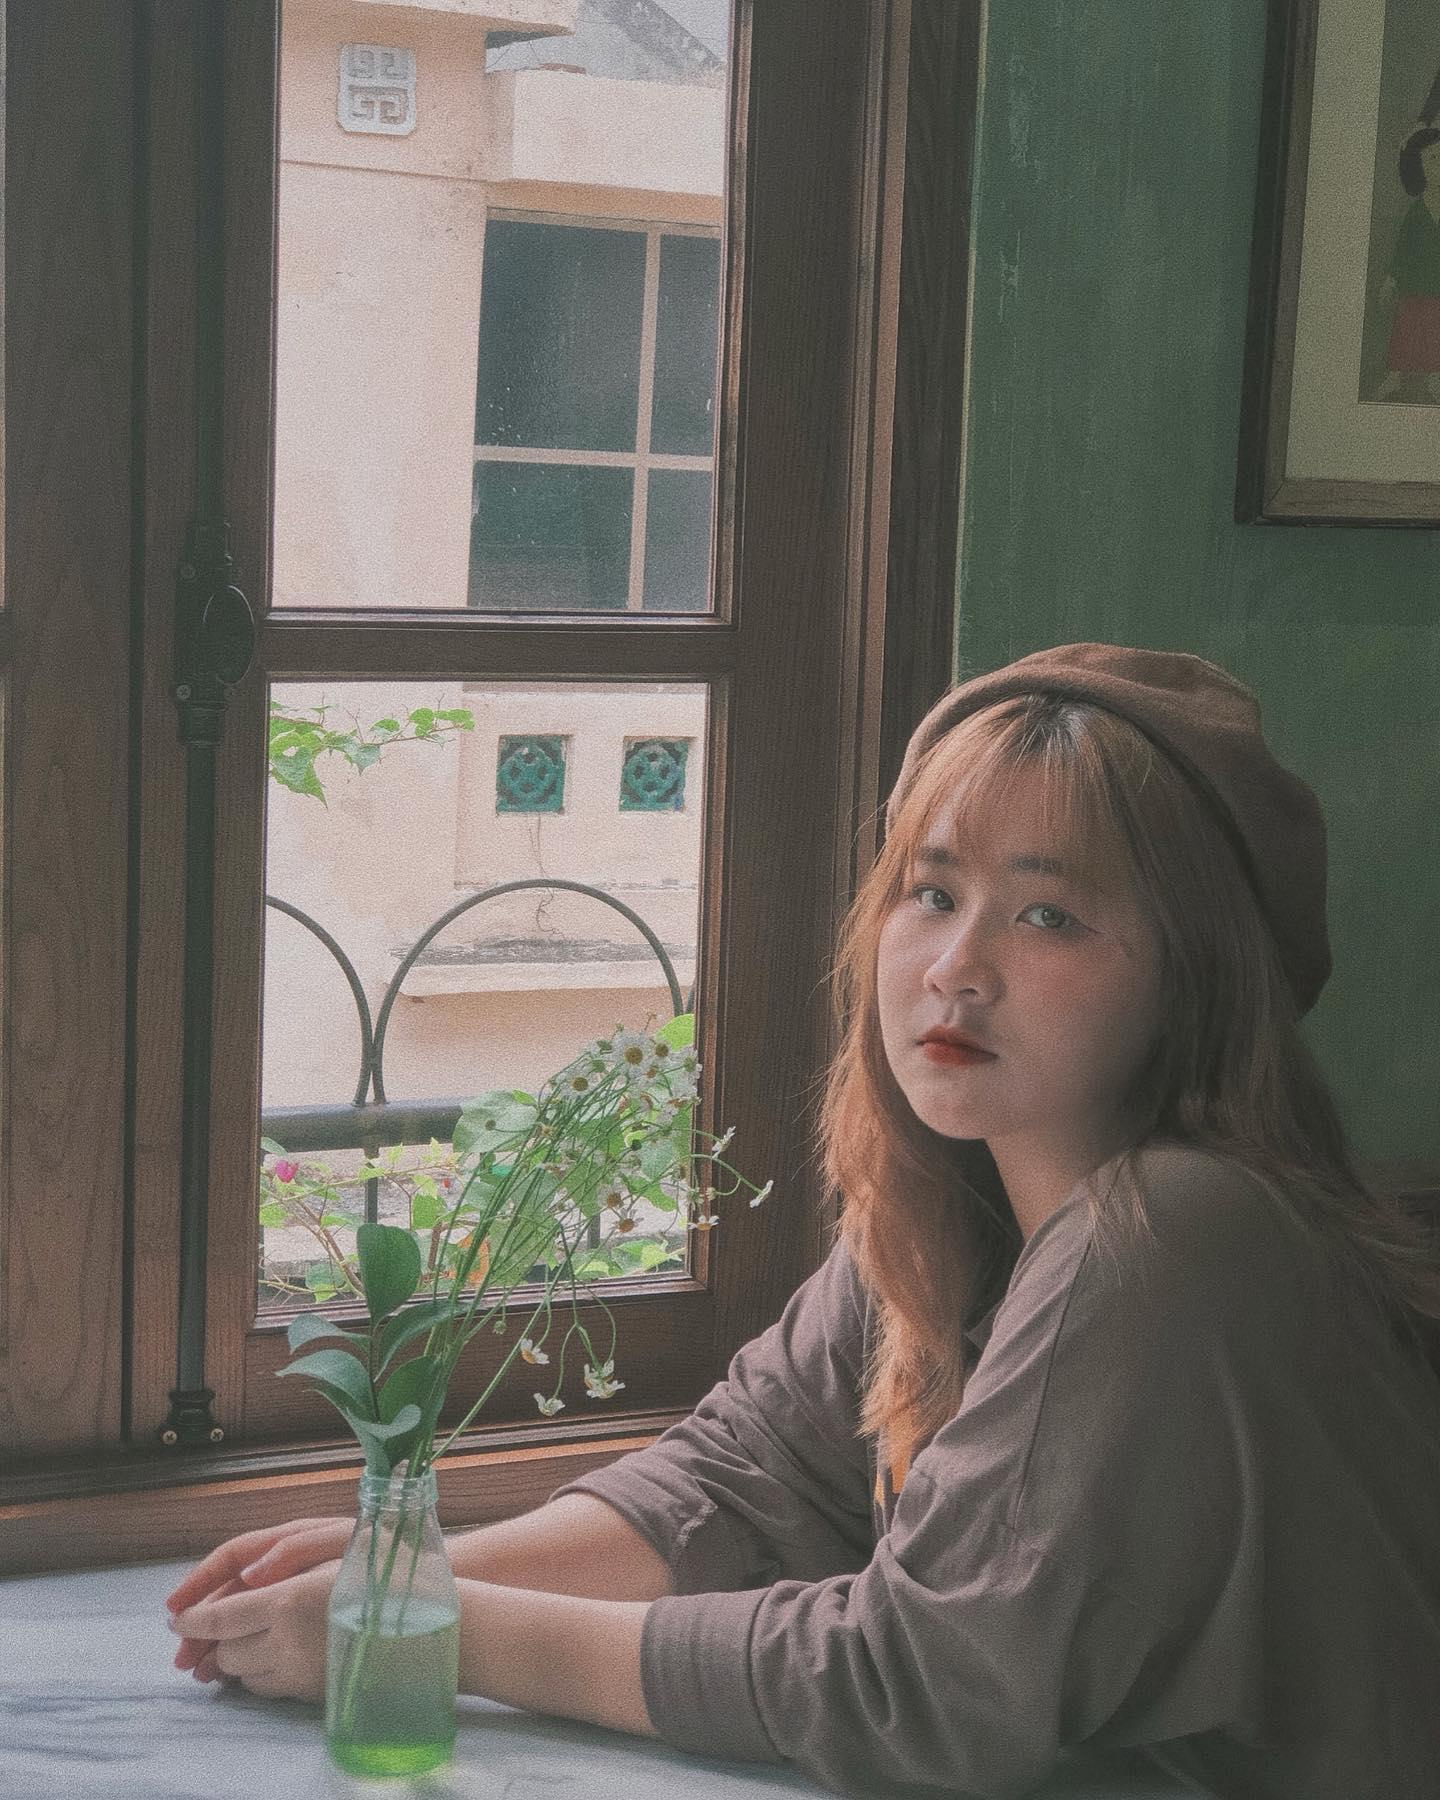 ha-noi-ban-cong-cafe-778